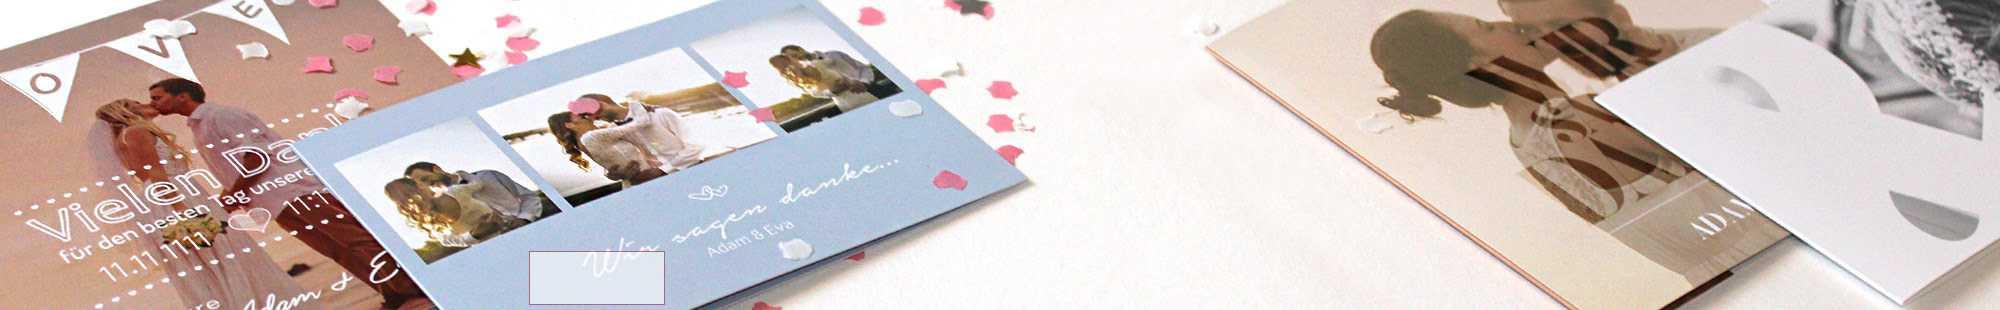 Danksagungskarten Hochzeit Günstig  Mustertext Danksagung Hochzeit Einzigartig